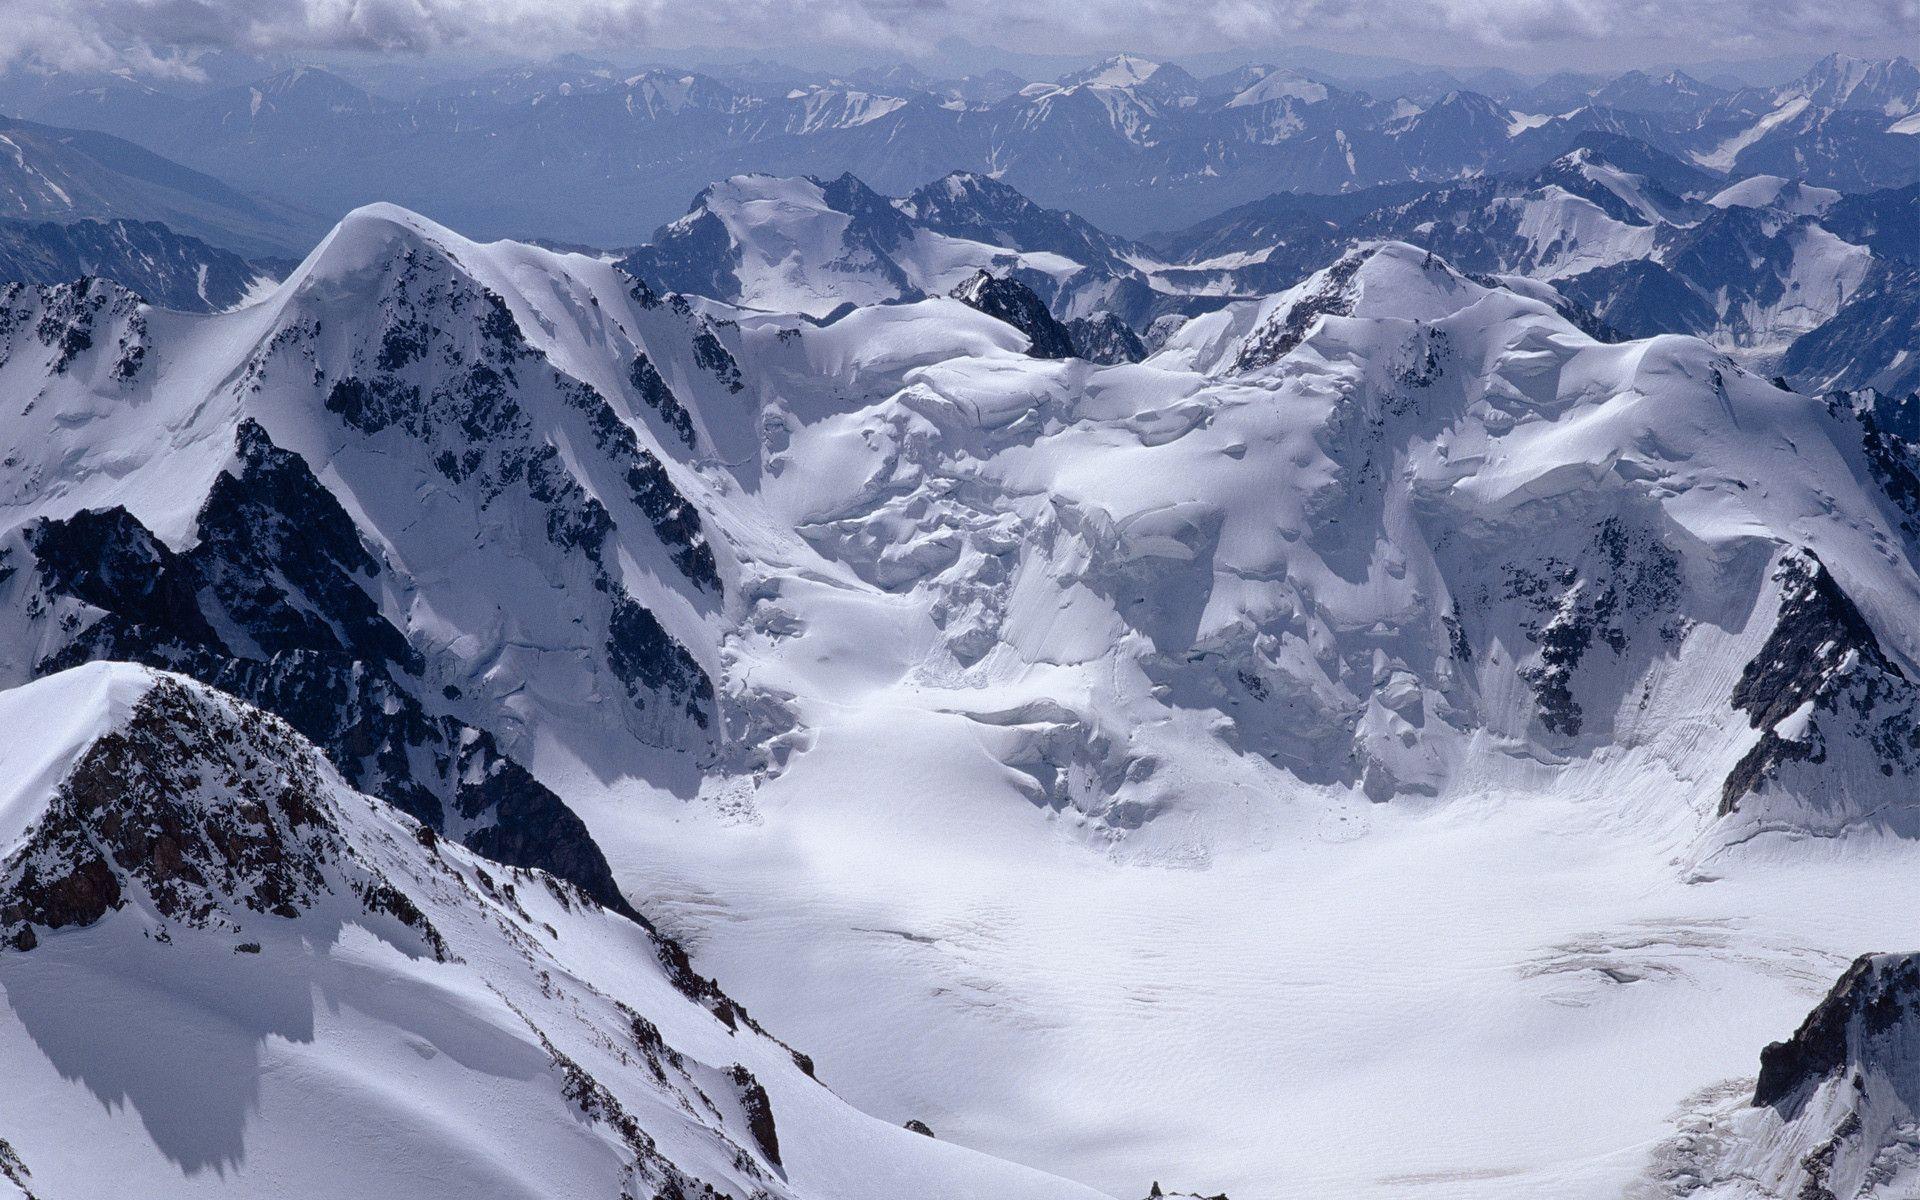 High Resolution Nature Desktop Wallpaper Of Winter Mountain Crest ID